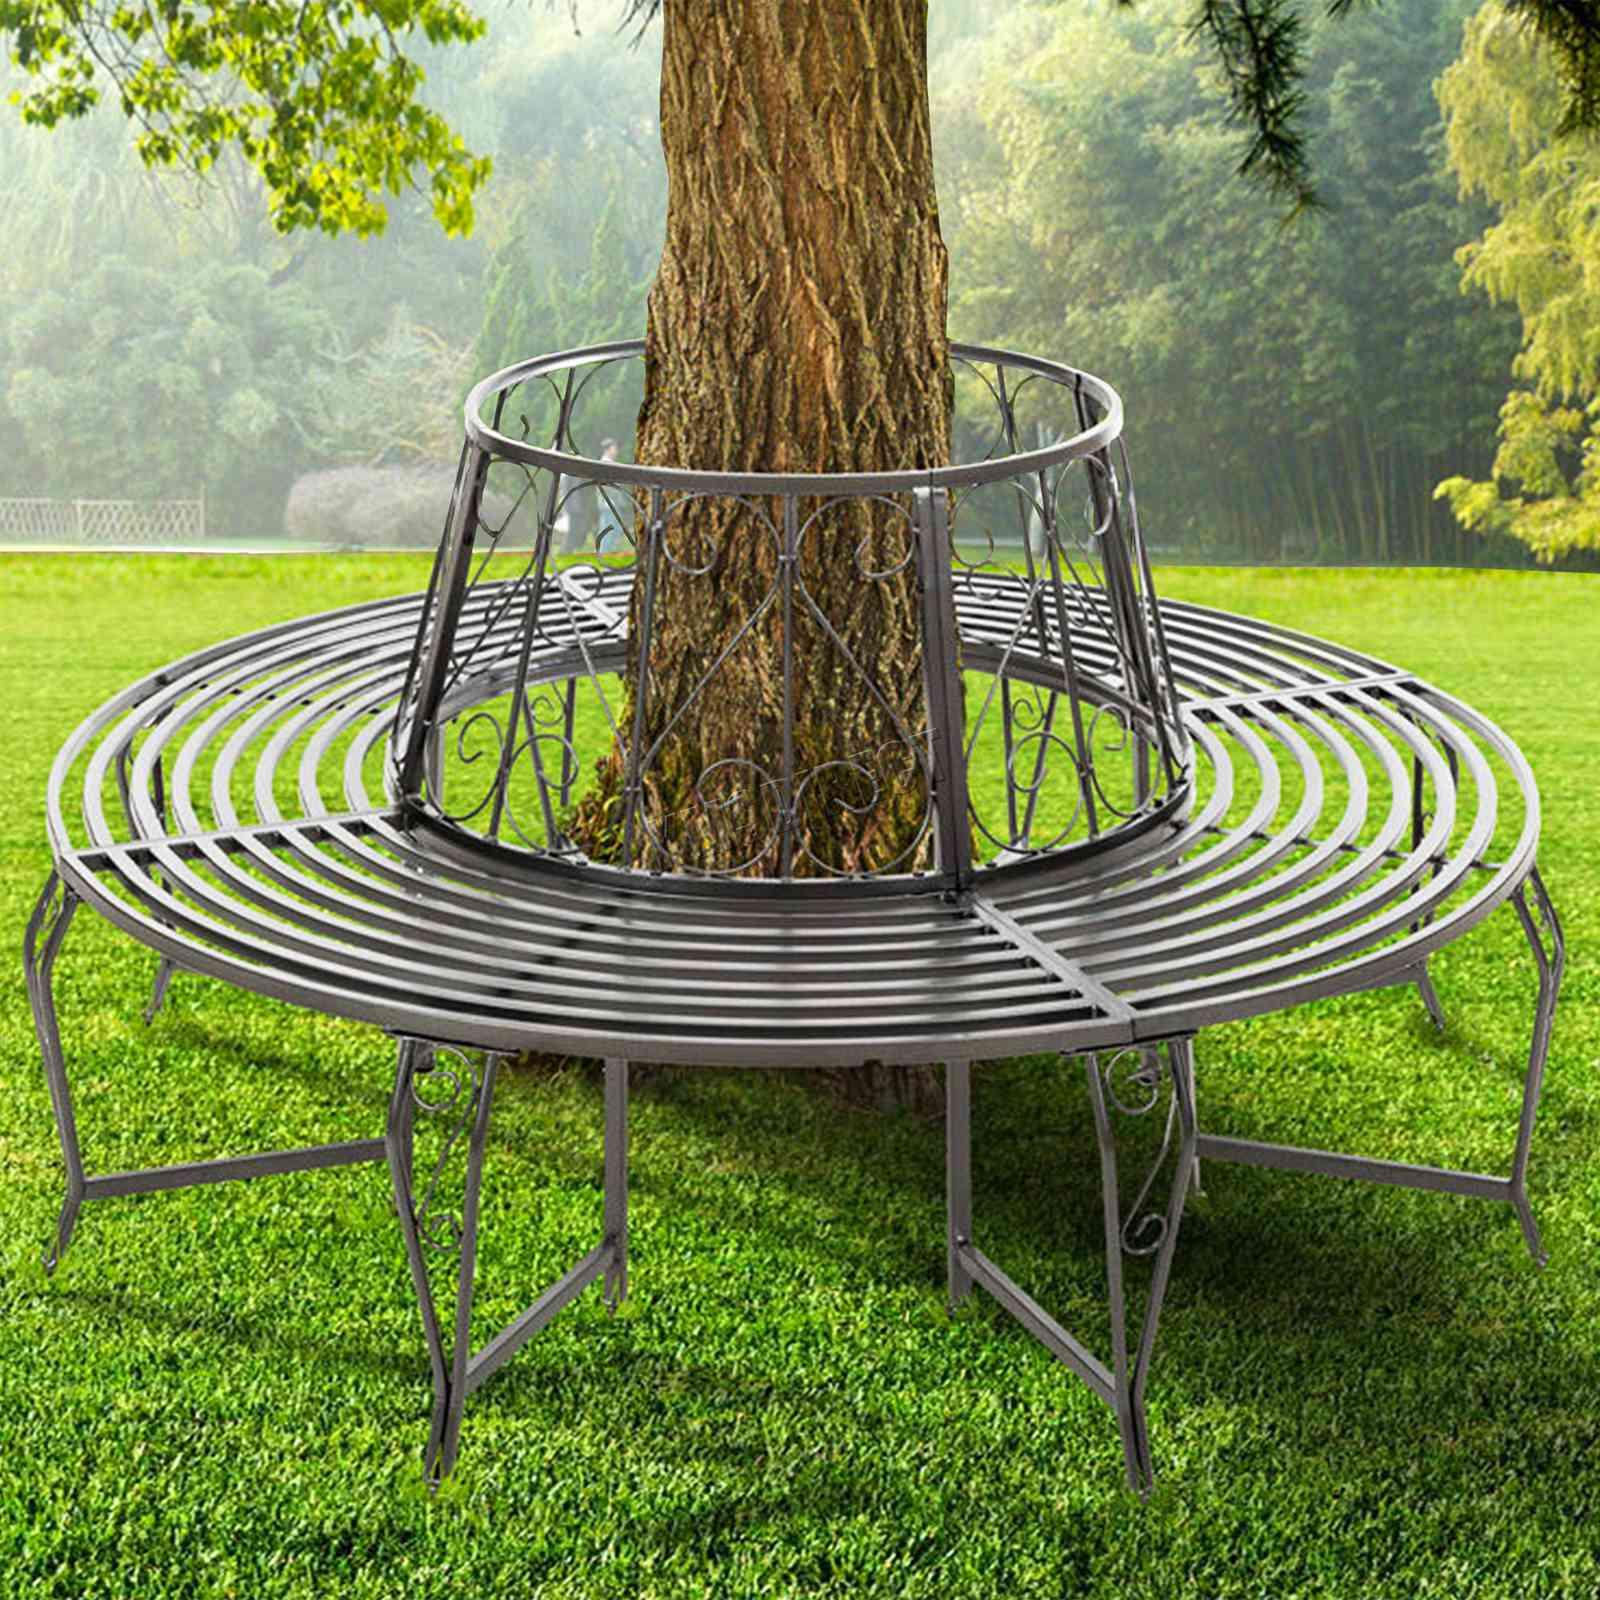 Round Bench Seating: WestWood Outdoor Garden Tree Bench Round Circular Steel